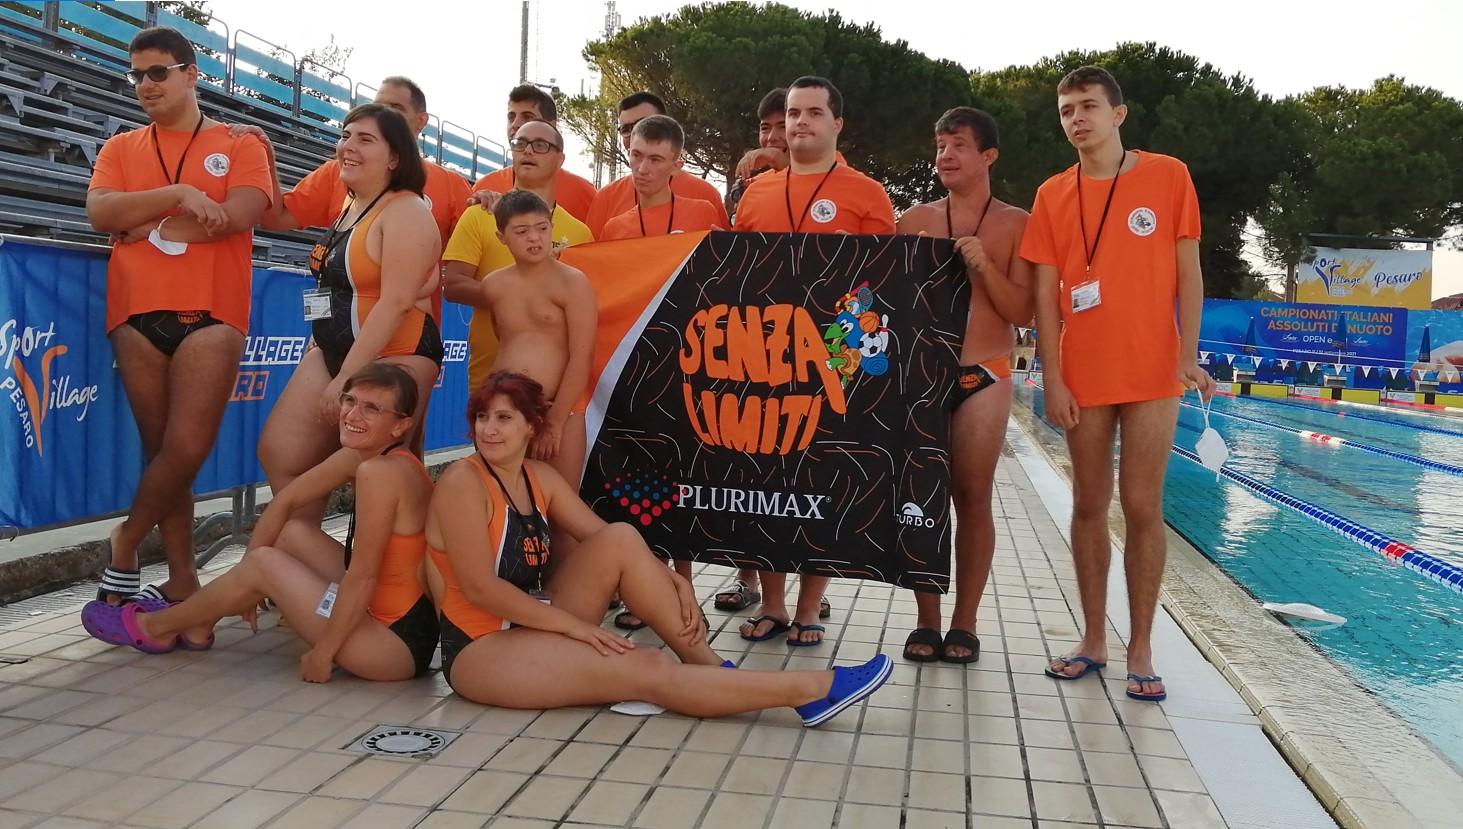 Corso di nuoto per atleti diversamente abili, intellettivi lievi e medio-lievi